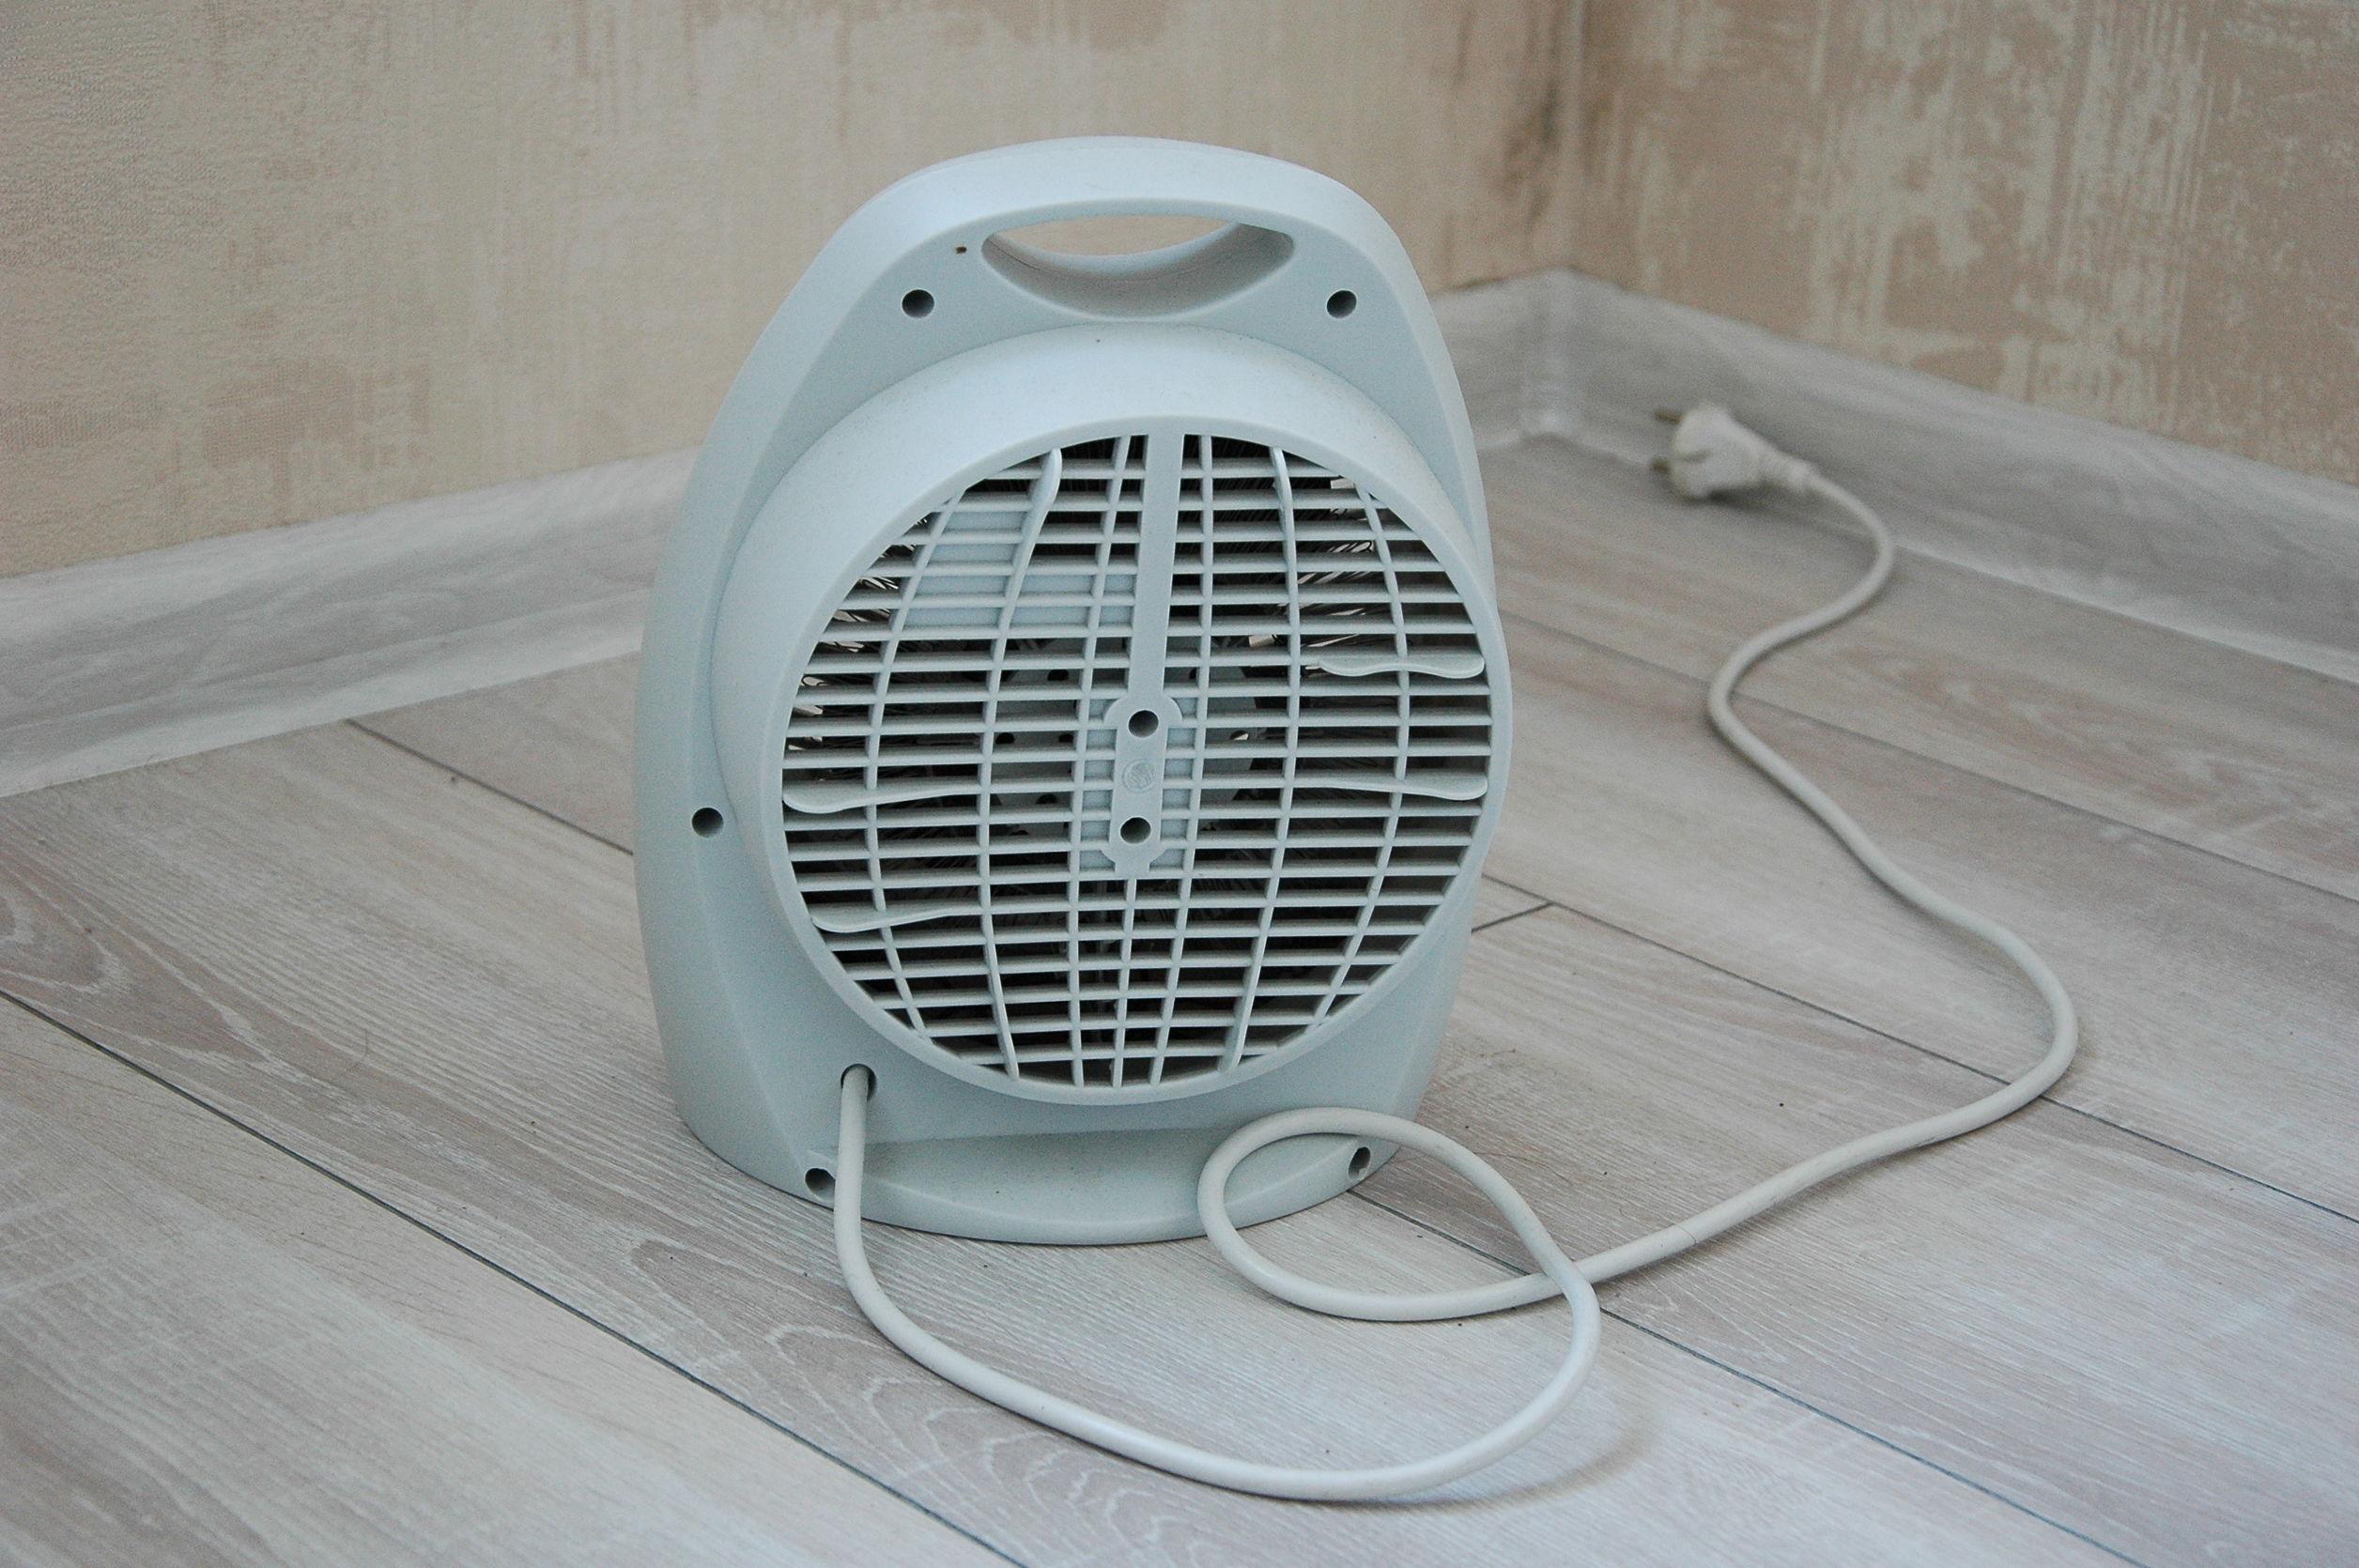 Imagem de um ventilador de mesa.